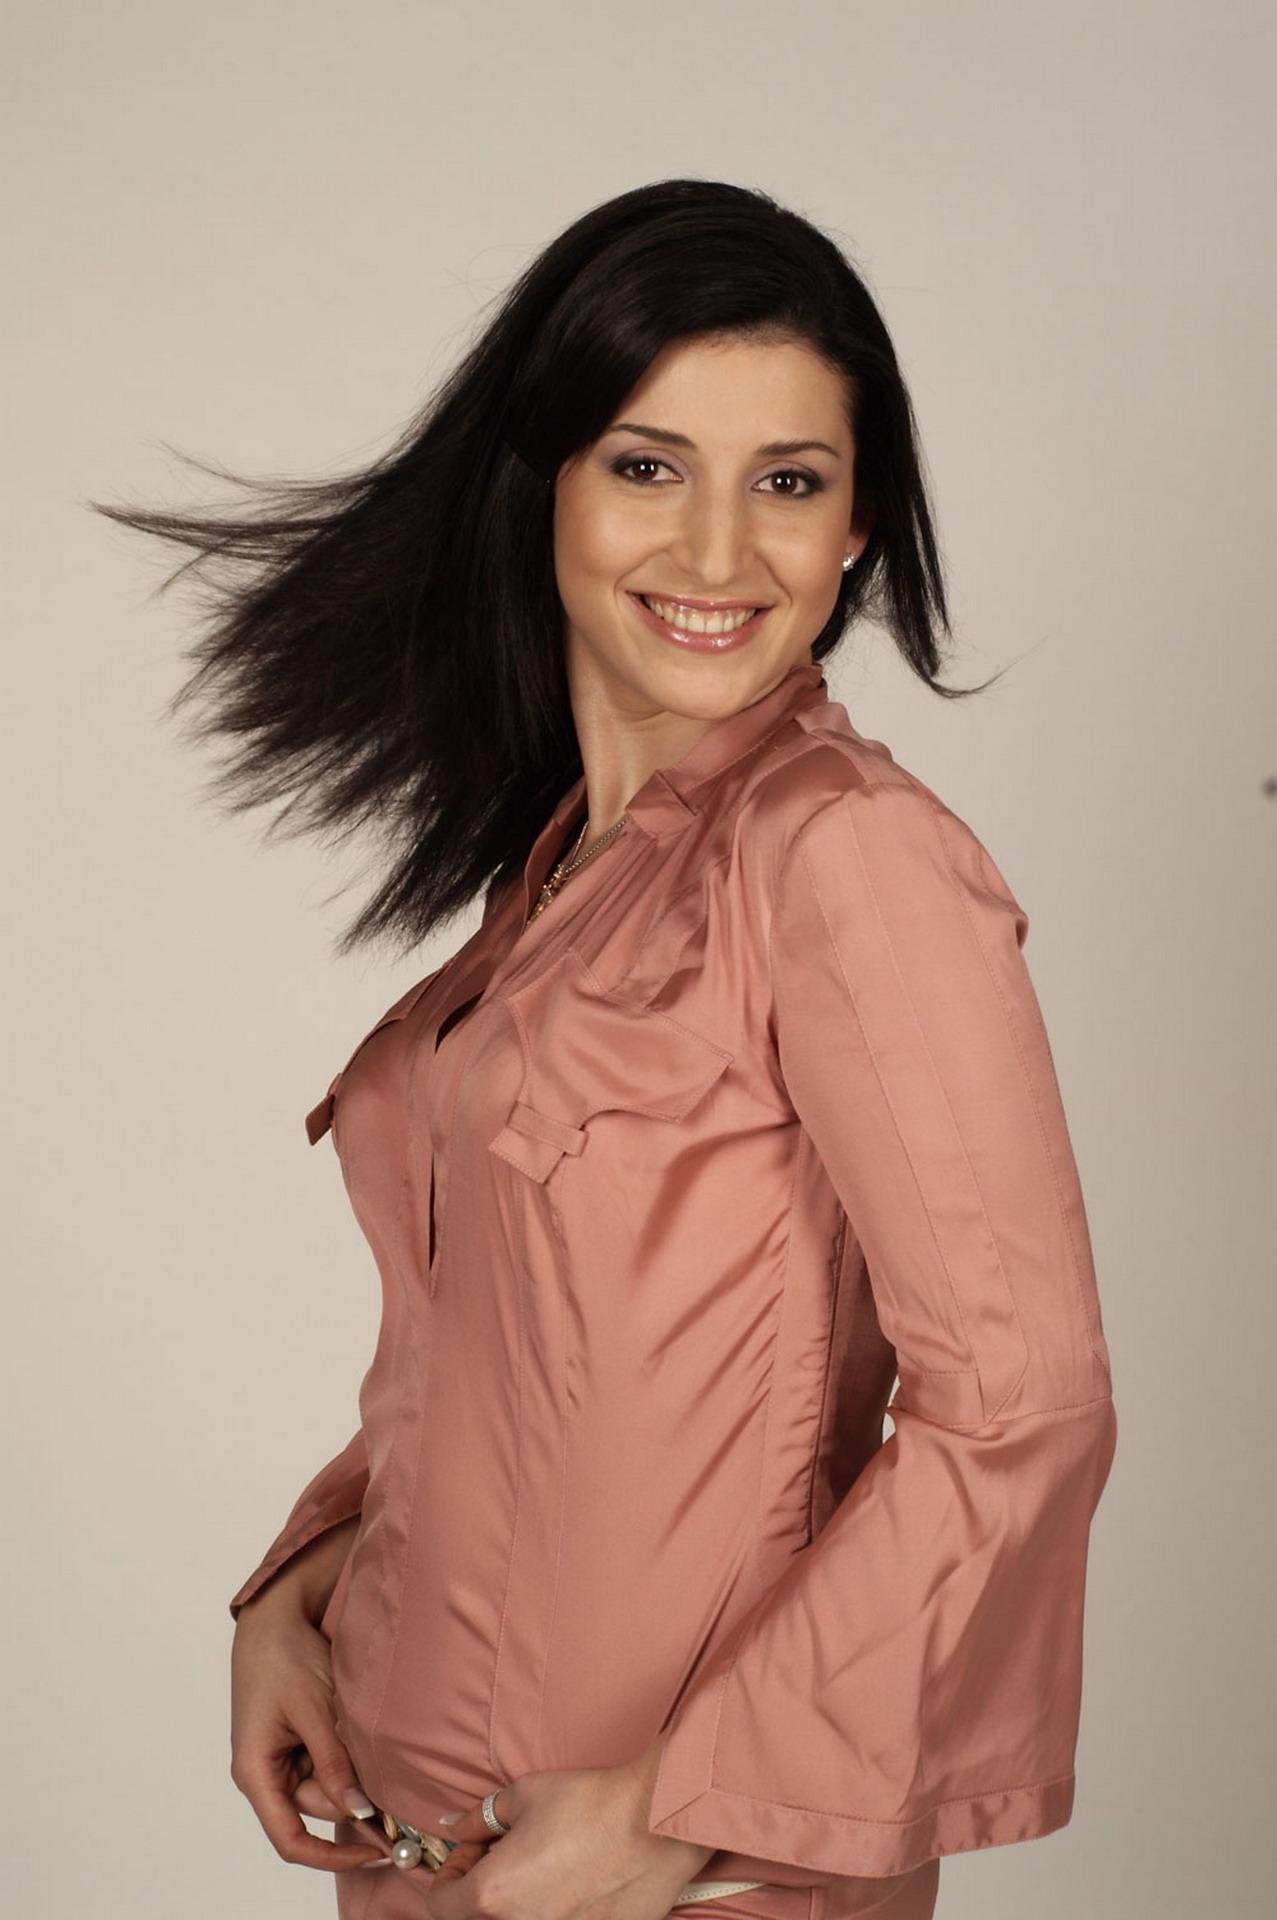 Певица из солнечного Дагестана Сара Семендуева, известная под творческим псевдонимом Жасмин, готовится вновь выйти...